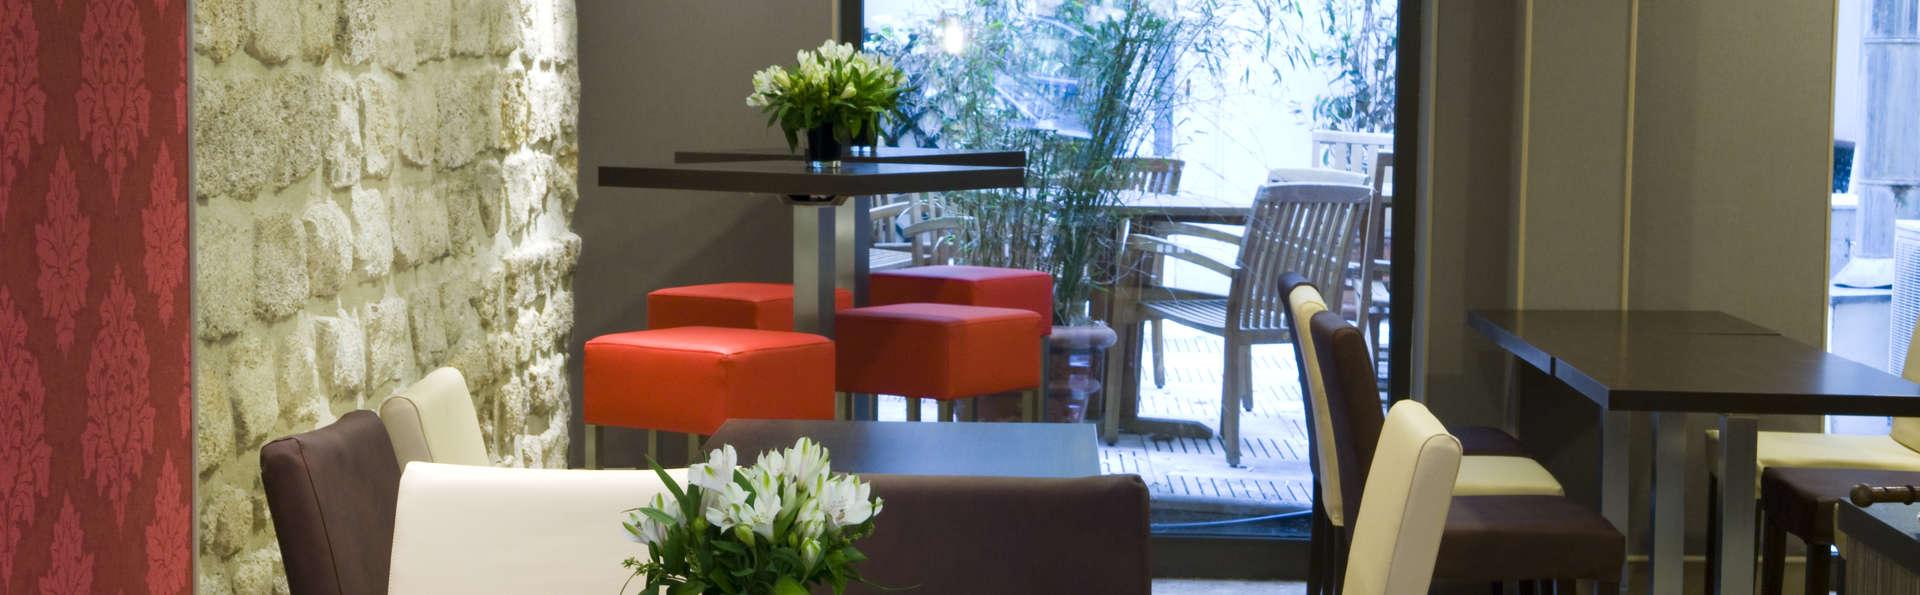 Timhotel odessa montparnasse h tel de charme paris for Paris hotel de charme